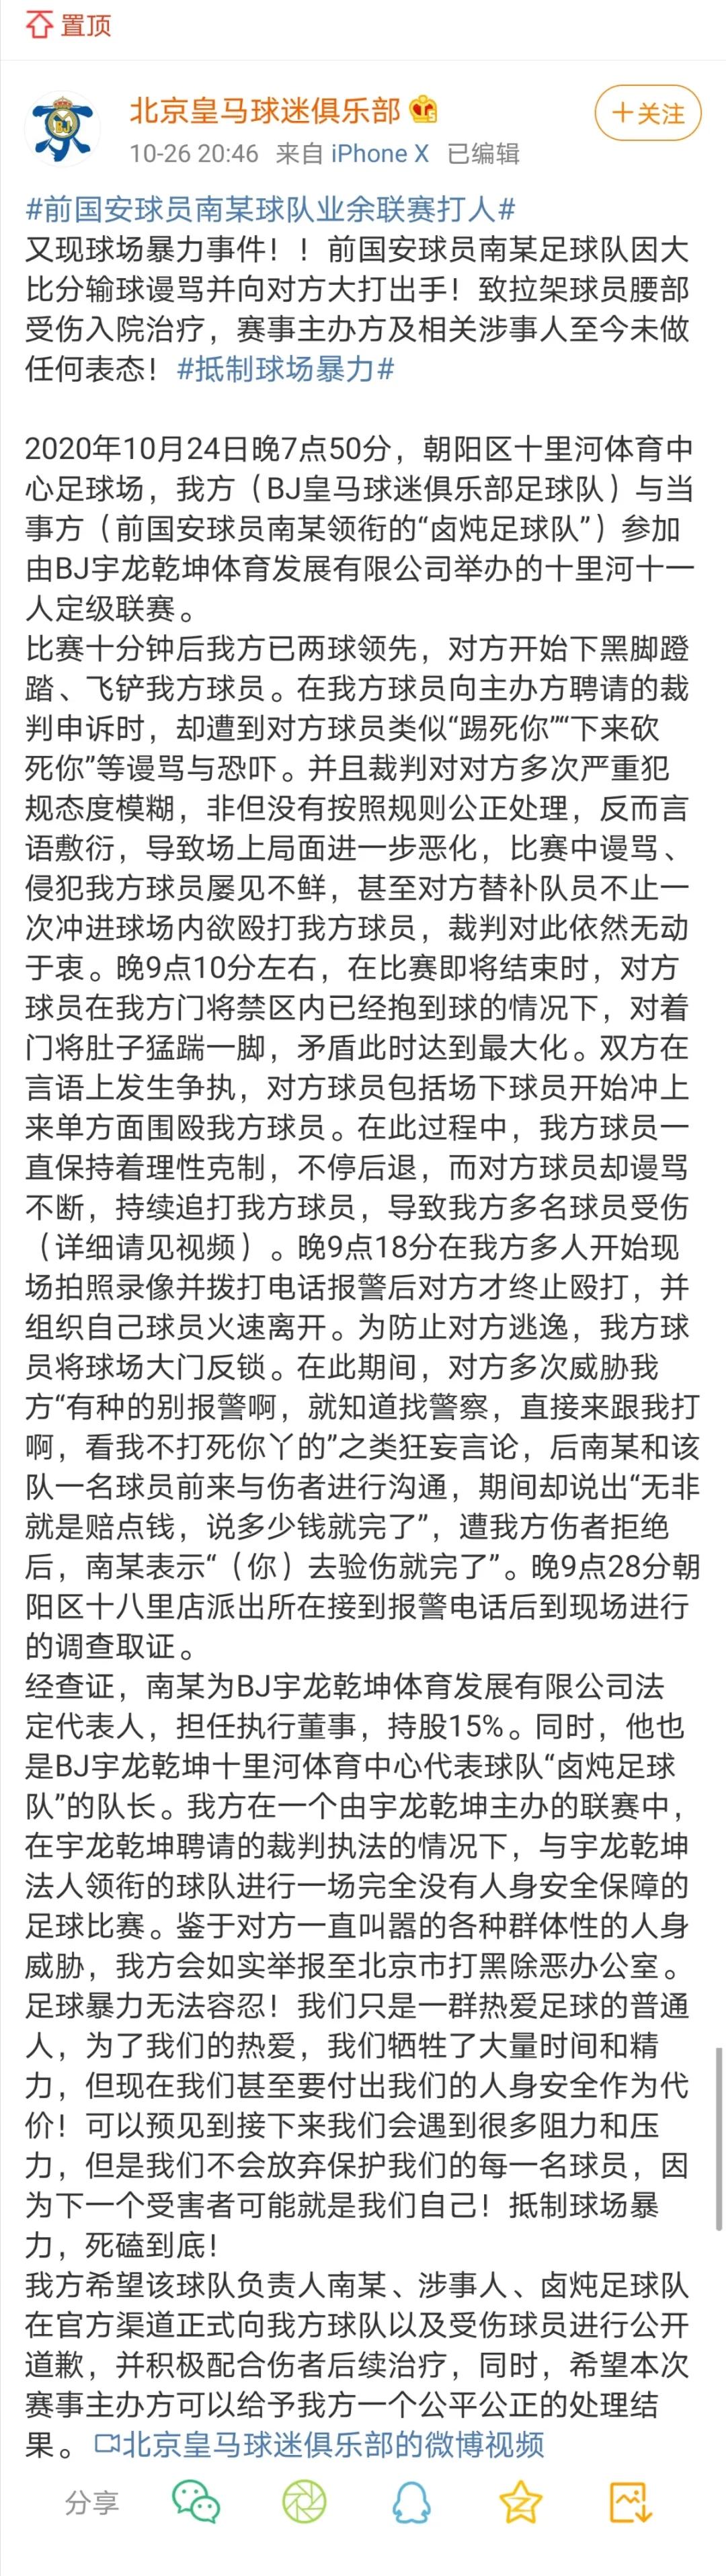 北京业余足球联赛暴力事件:踢不过就打人